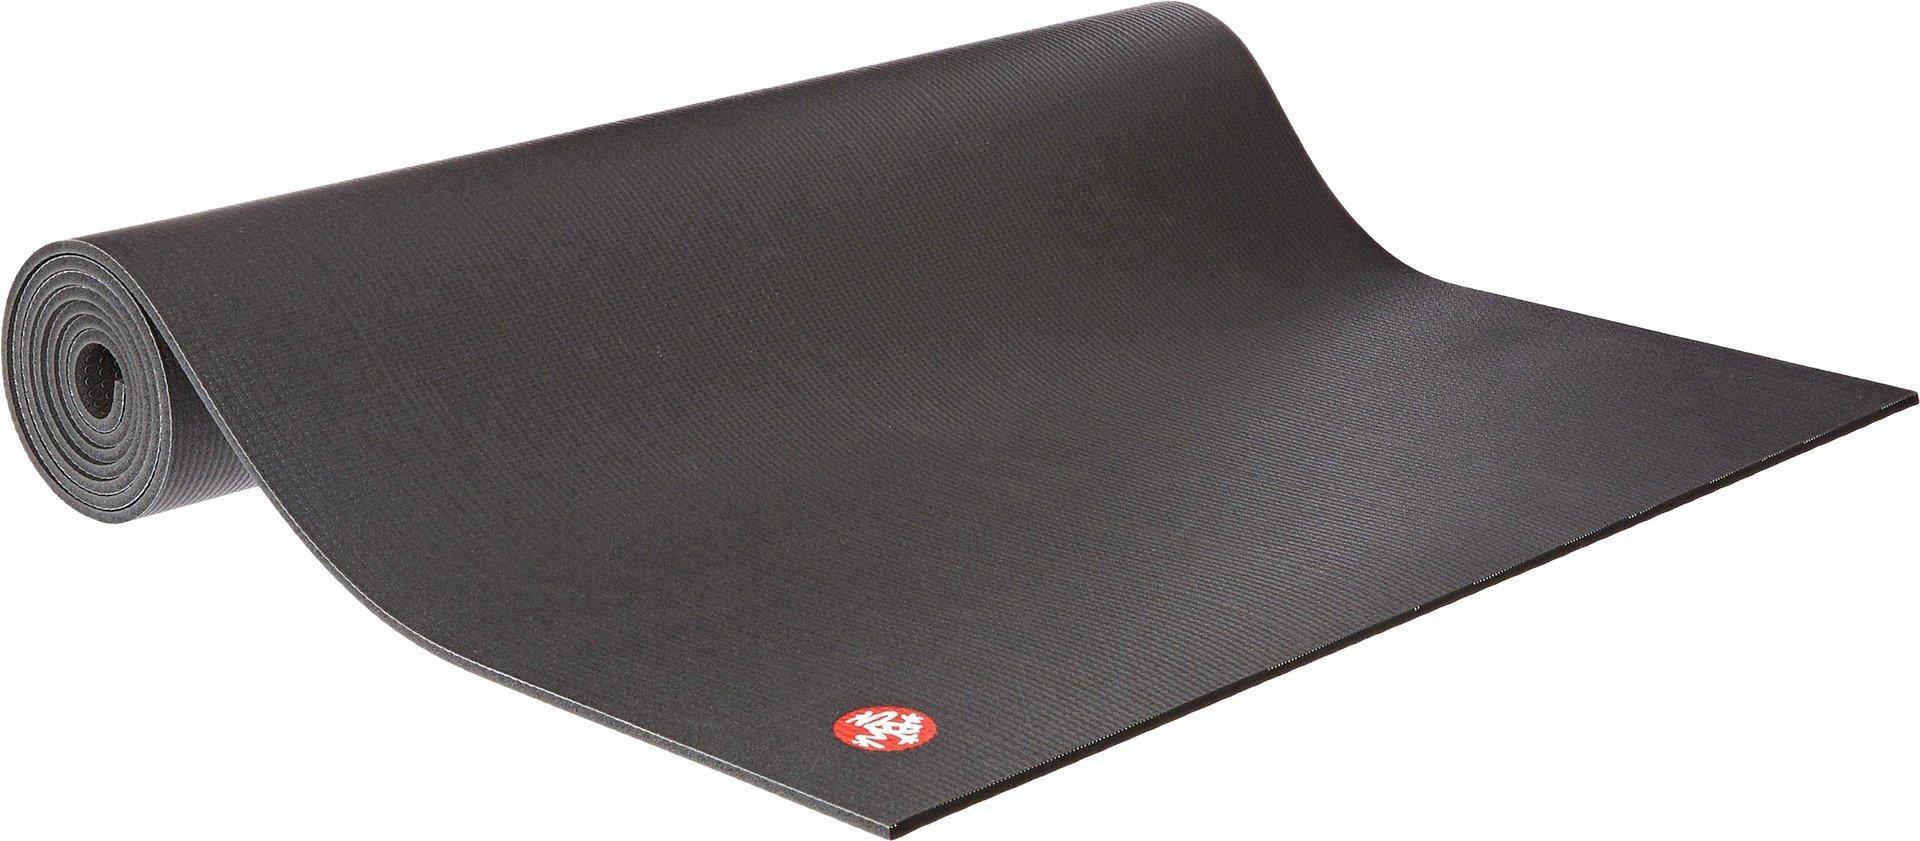 Manduka Pro Yoga Mat Black Mat PRO Extra Long by Manduka (Image #1)